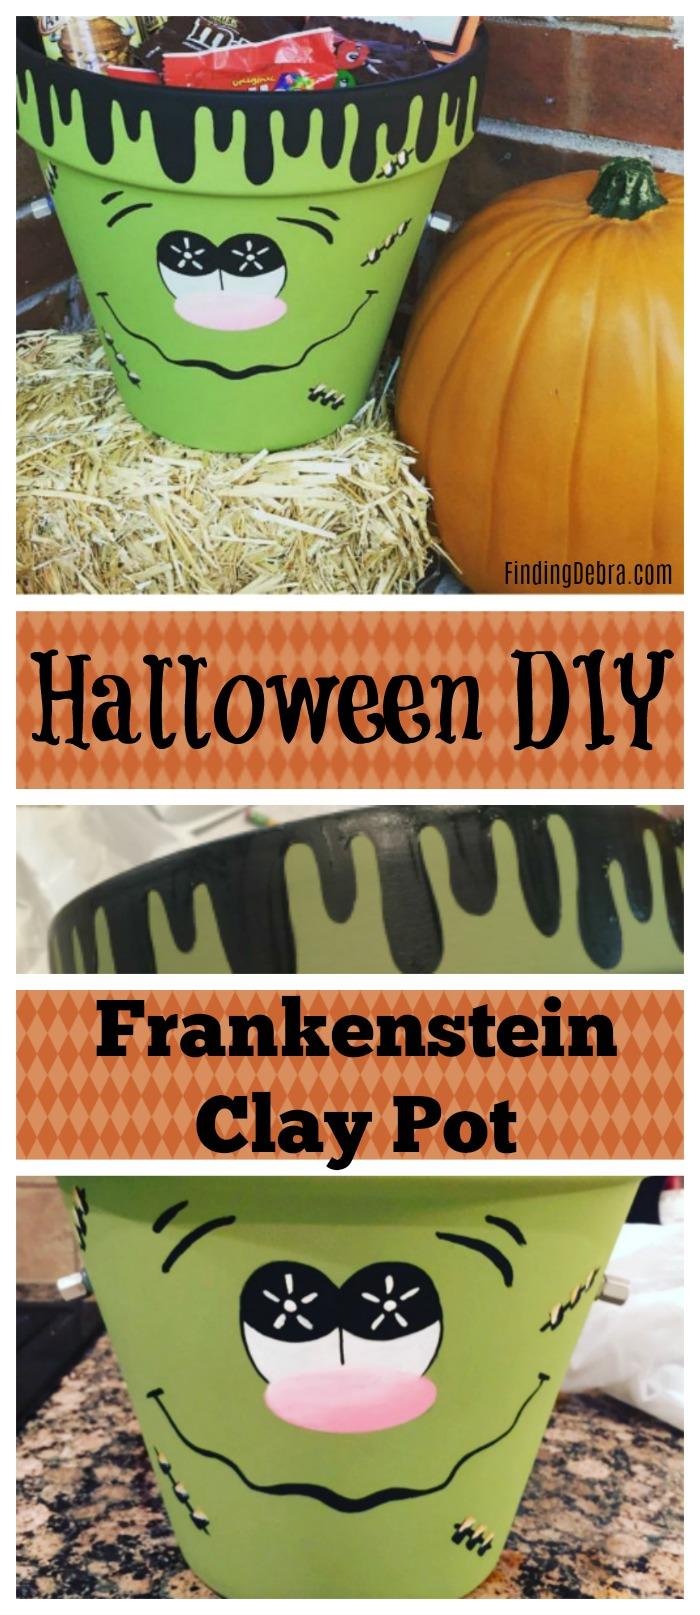 Halloween DIY Frankenstein Clay Pot For Treats